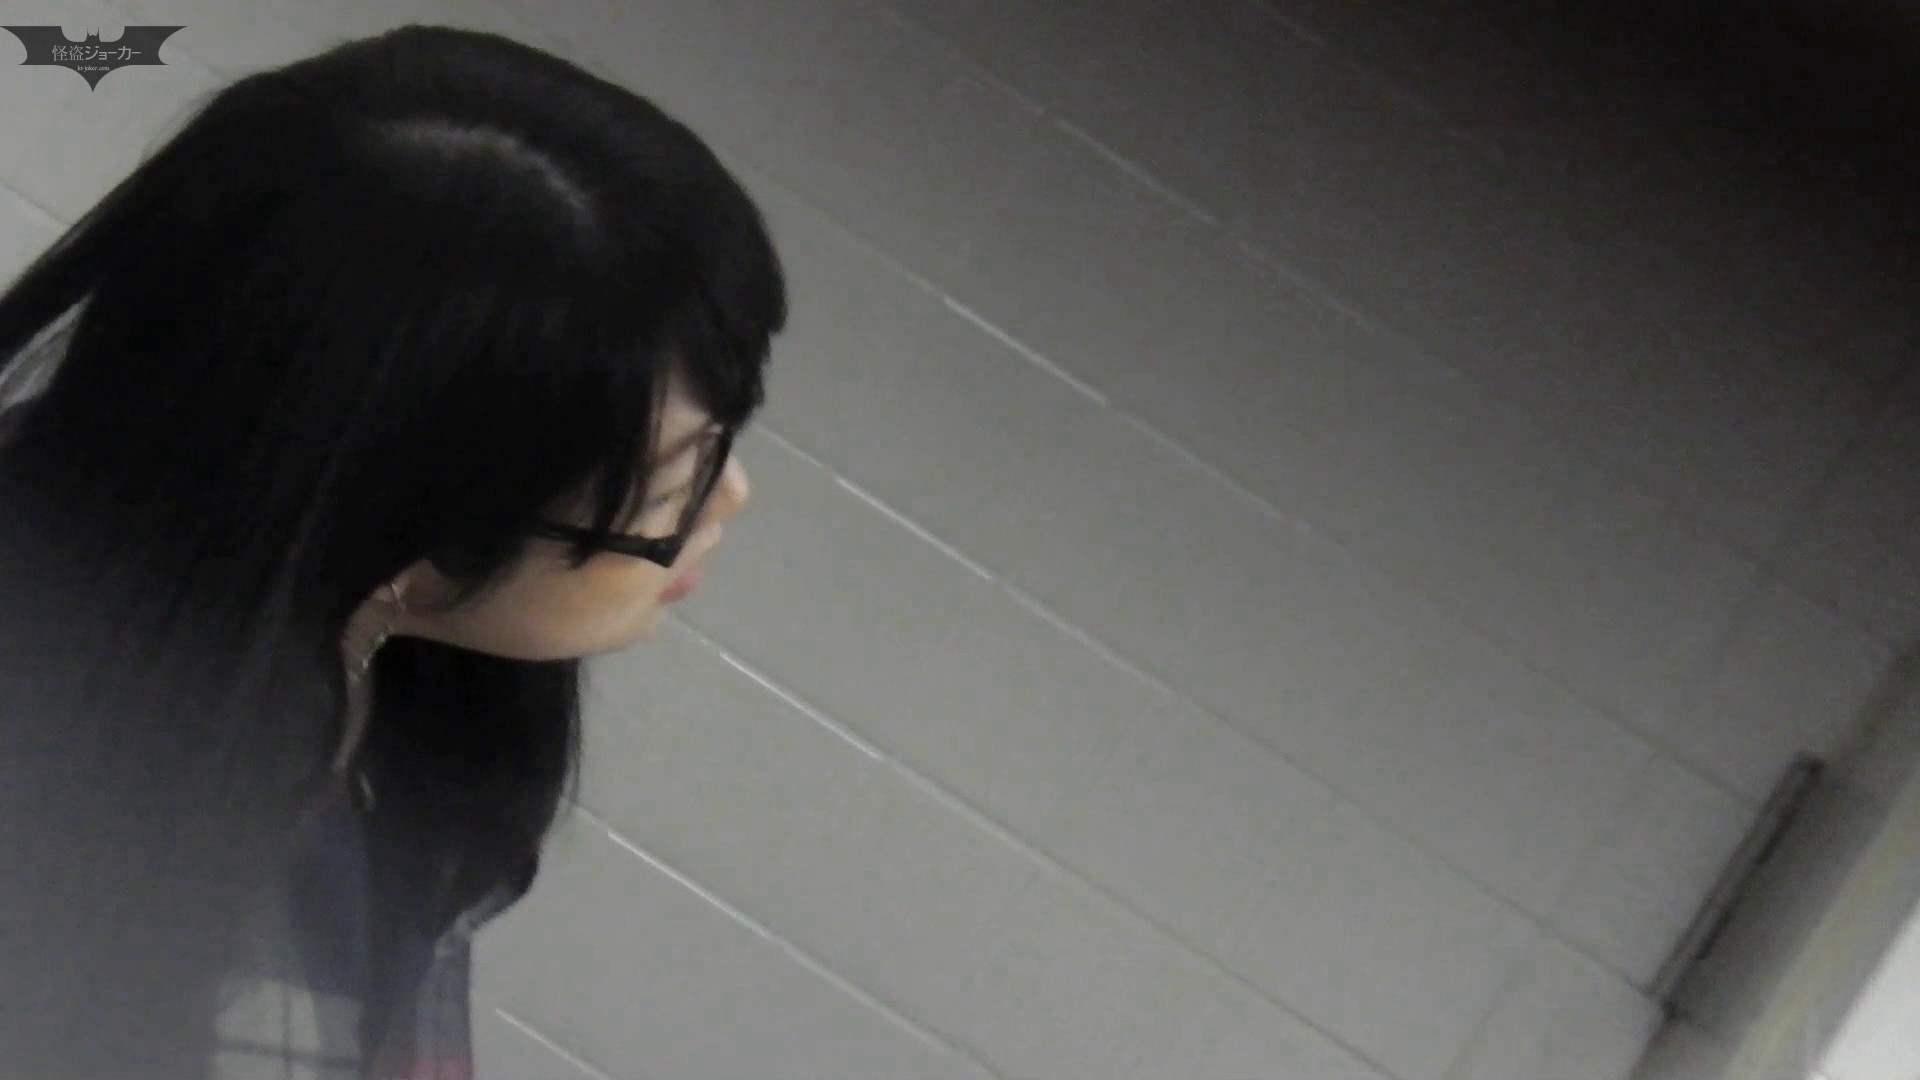 お銀さん vol.59 ピンチ!!「鏡の前で祈る女性」にばれる危機 洗面所着替え | OL  48連発 29